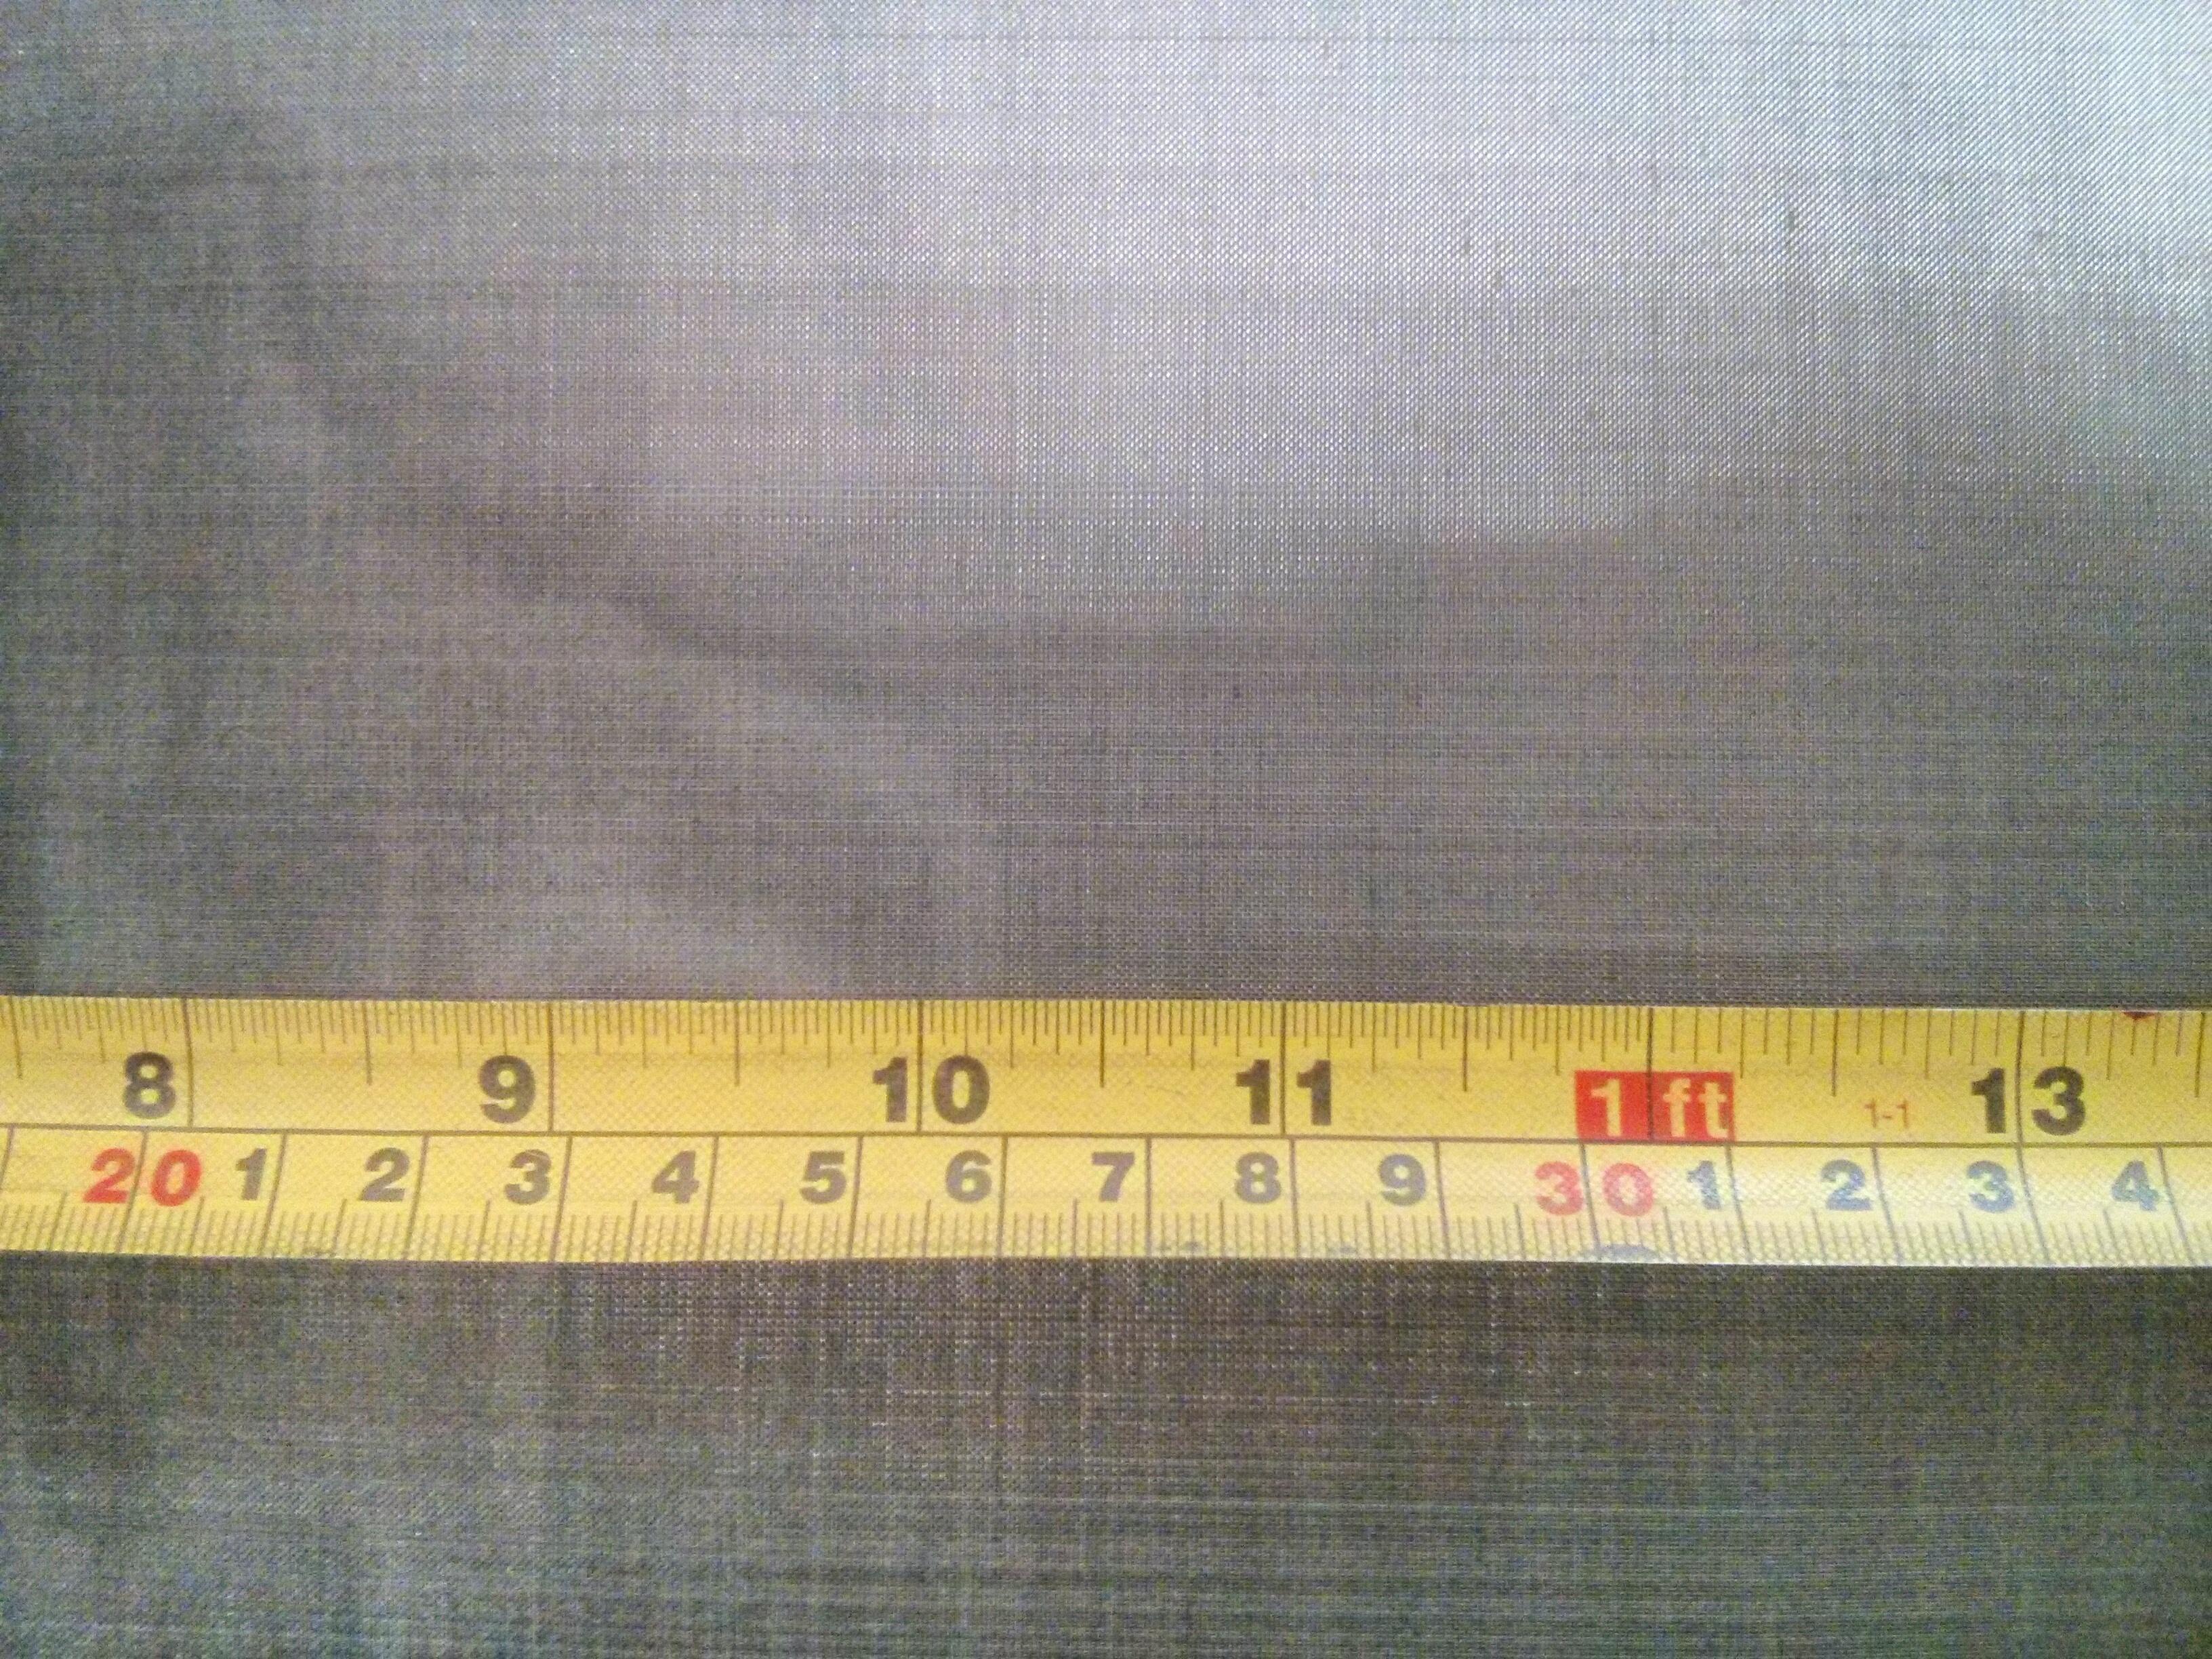 Mild steel woven 80 mesh: 0.185mm aperture MS80M39GW1.37L1